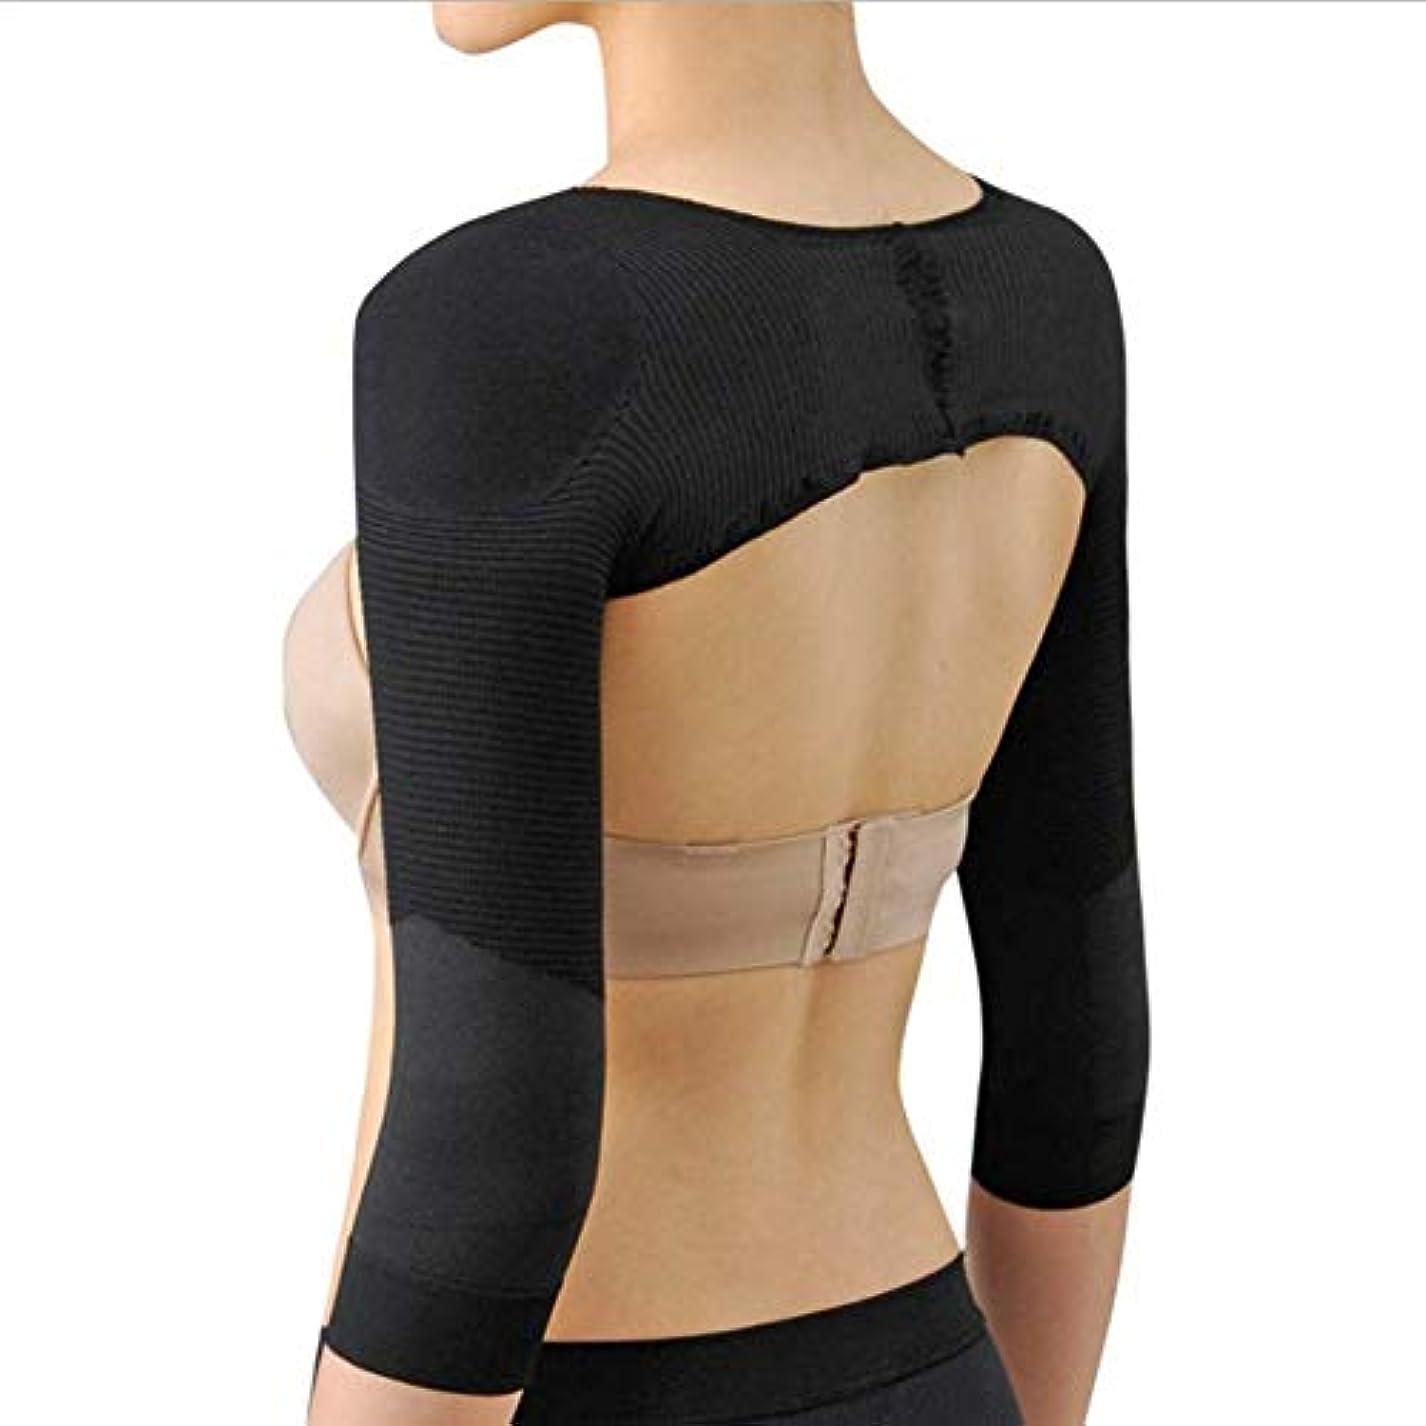 拒否中断サイトライン二の腕 シェイプケア 姿勢 矯正 補正下着 補正インナー 二の腕痩せ 二の腕シェイパー (黒, XL)